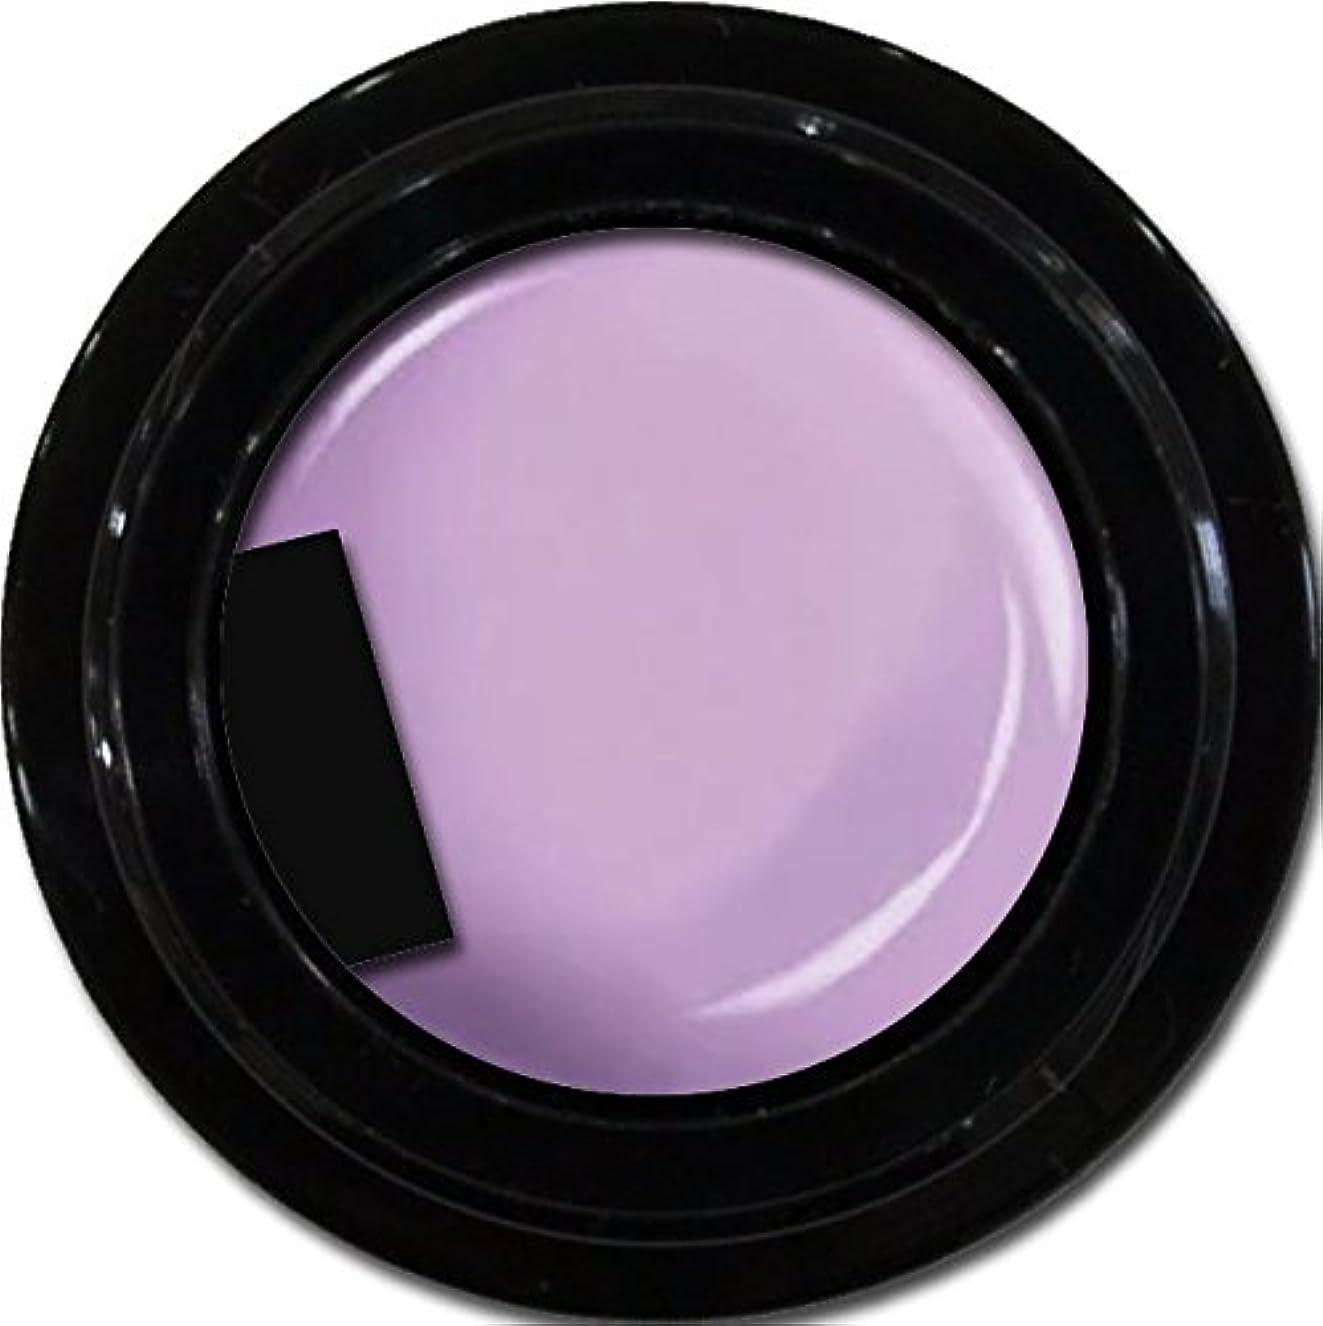 シーフード削除する意図するカラージェル enchant color gel M508 BlueberryCheesecake 3g/ マットカラージェル M508 ブルーベリーチーズケーキ 3グラム